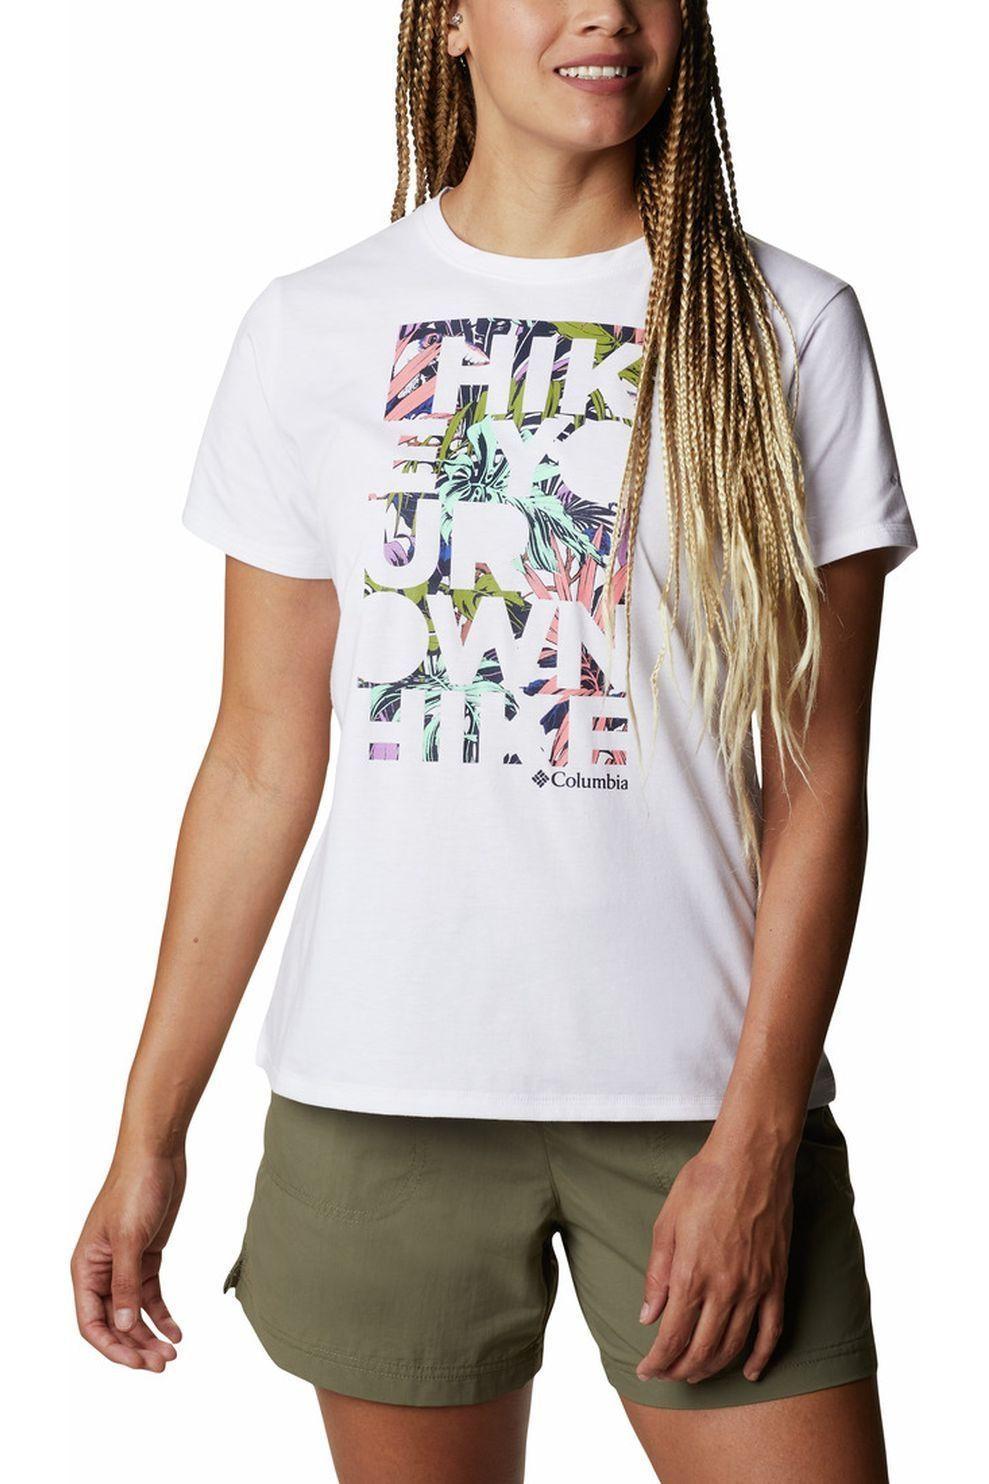 Columbia T-Shirt Sun Trek Ss Graphic voor dames - Wit/Puntig - Maat: S